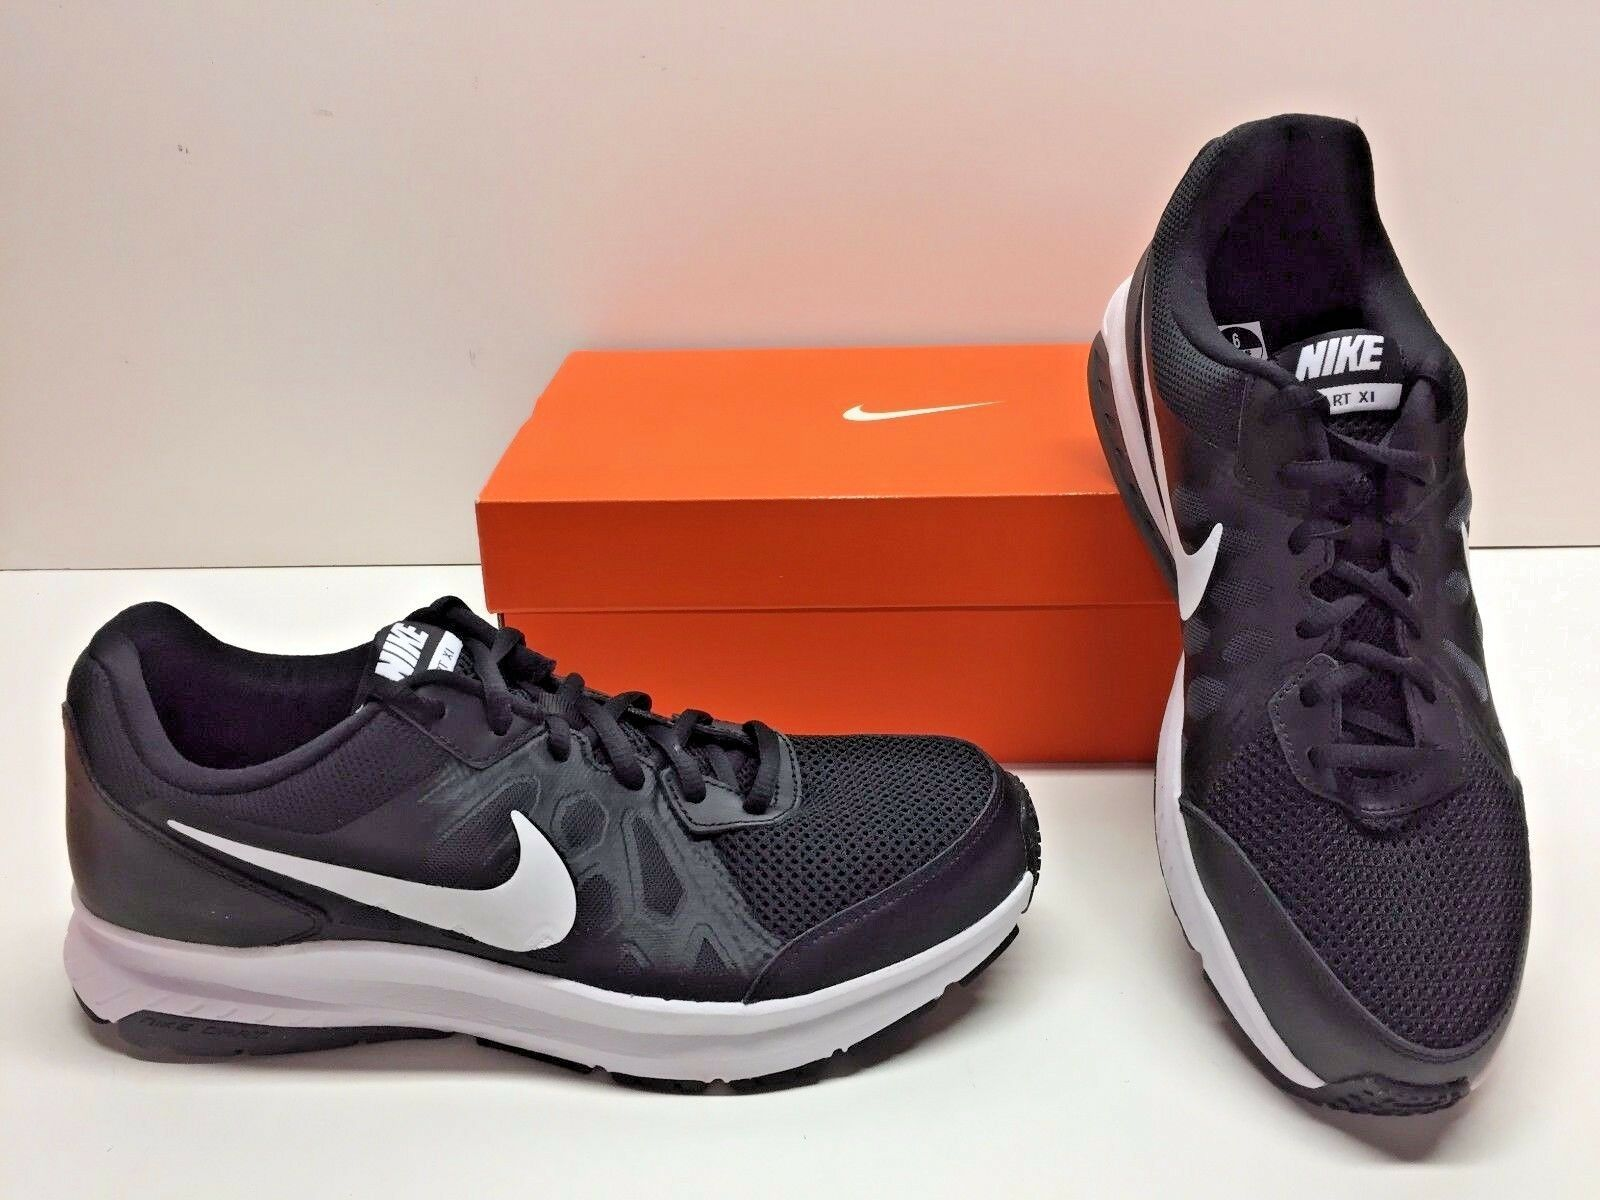 Nike dardo 11 xi croce formazione nero grigio e bianco scarpe scarpe Uomo